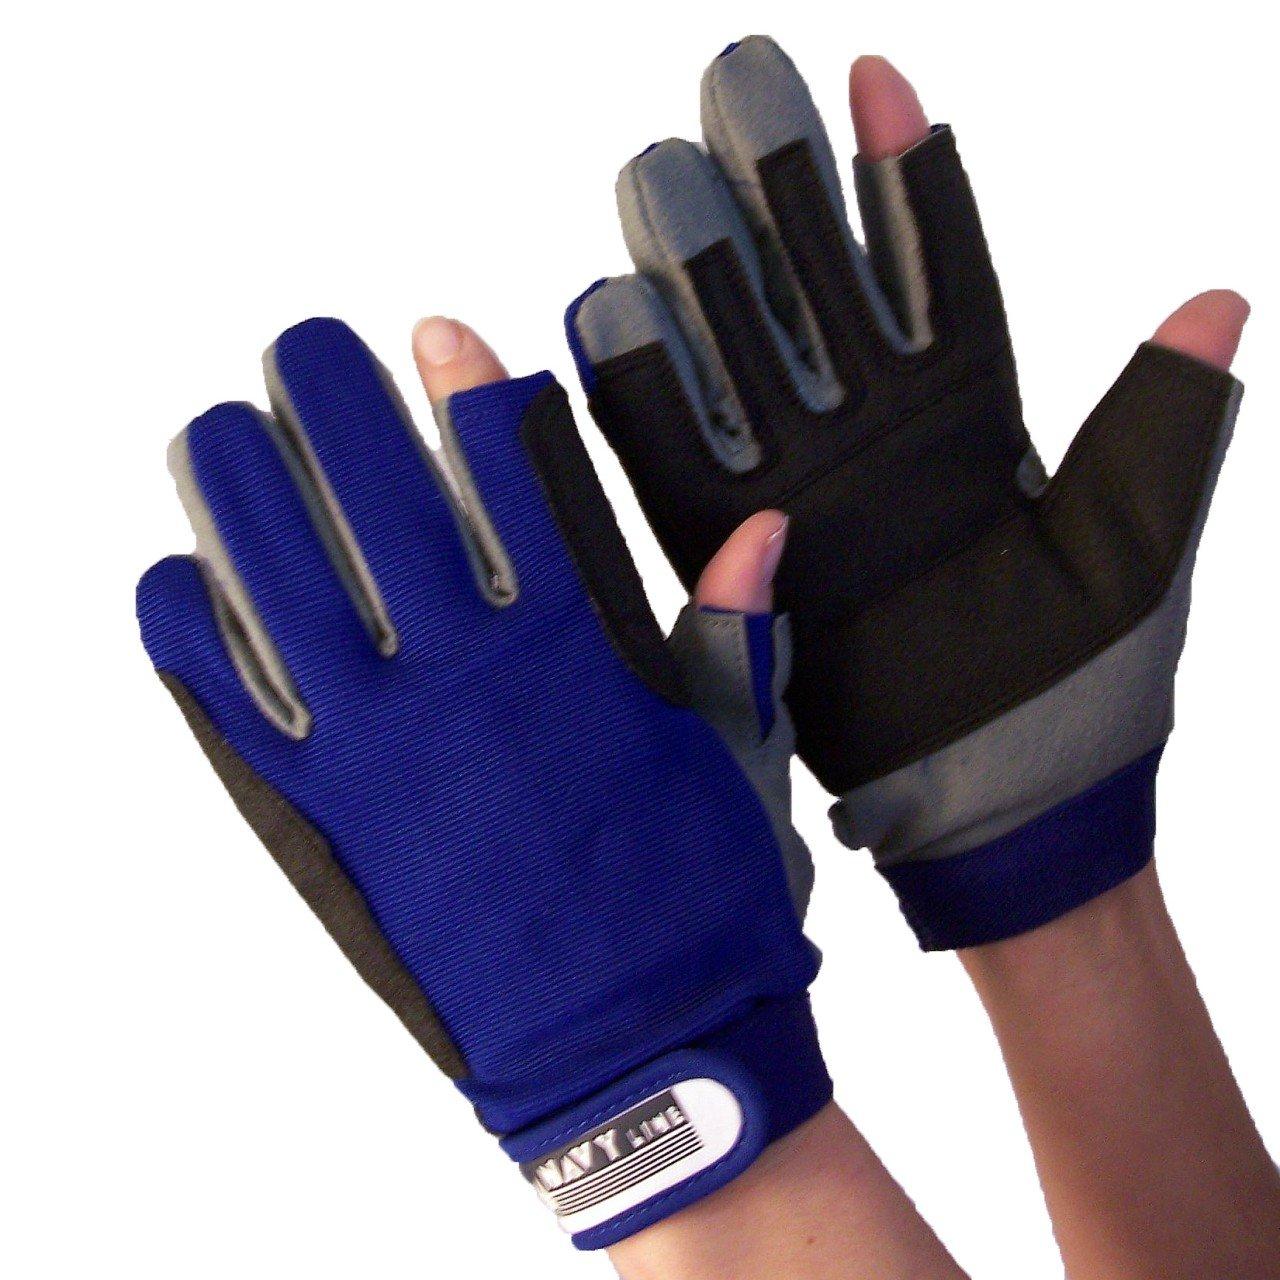 Handschuhe Navyline Segelhandschuhe Amara Kunstleder 2 Finger geschnitten Handschuhe Segeln Bootsport